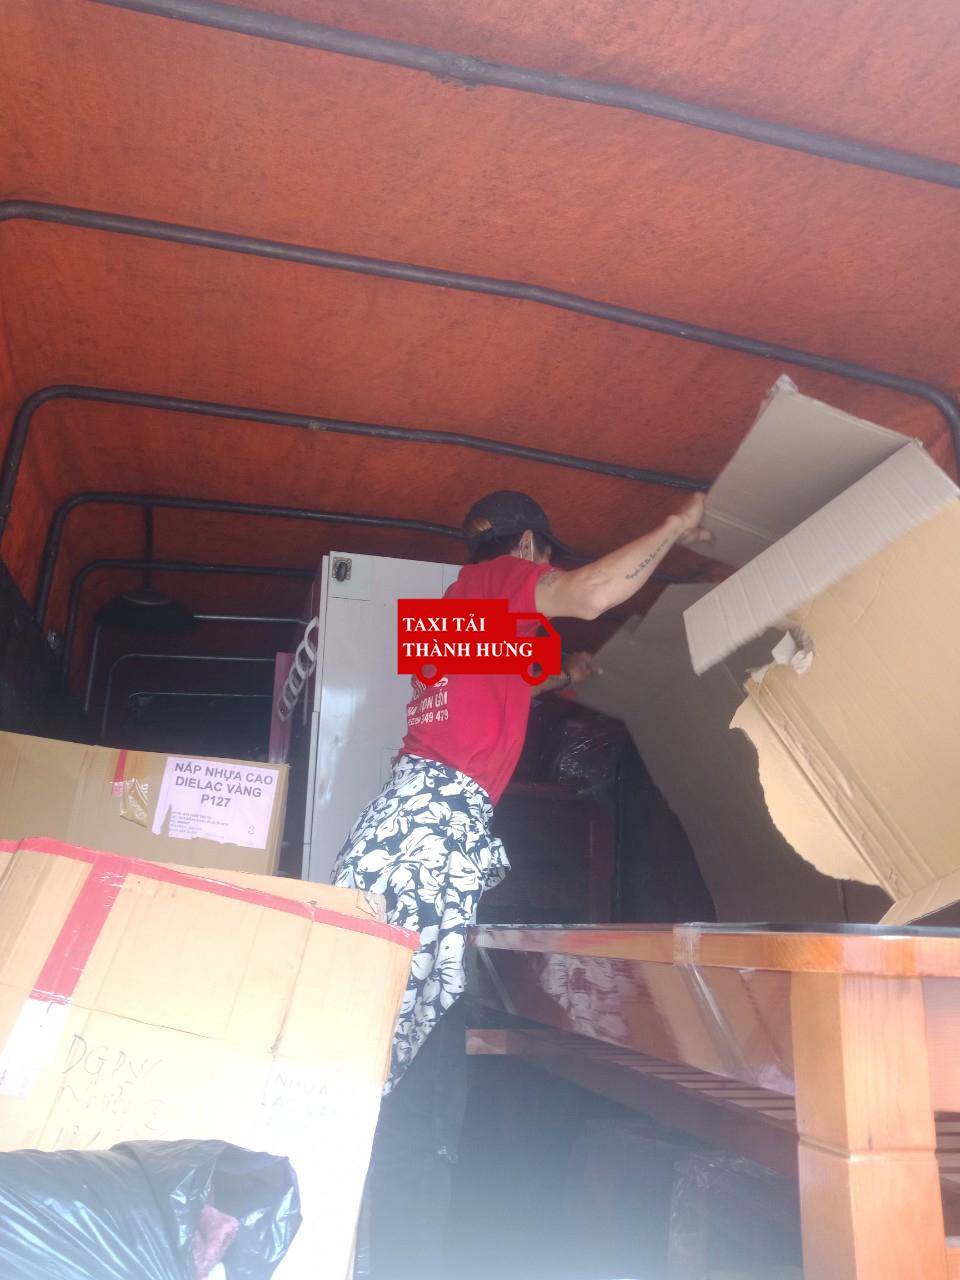 chuyển nhà thành hưng,Taxi tải Thành Hưng quận 7 năm 2020